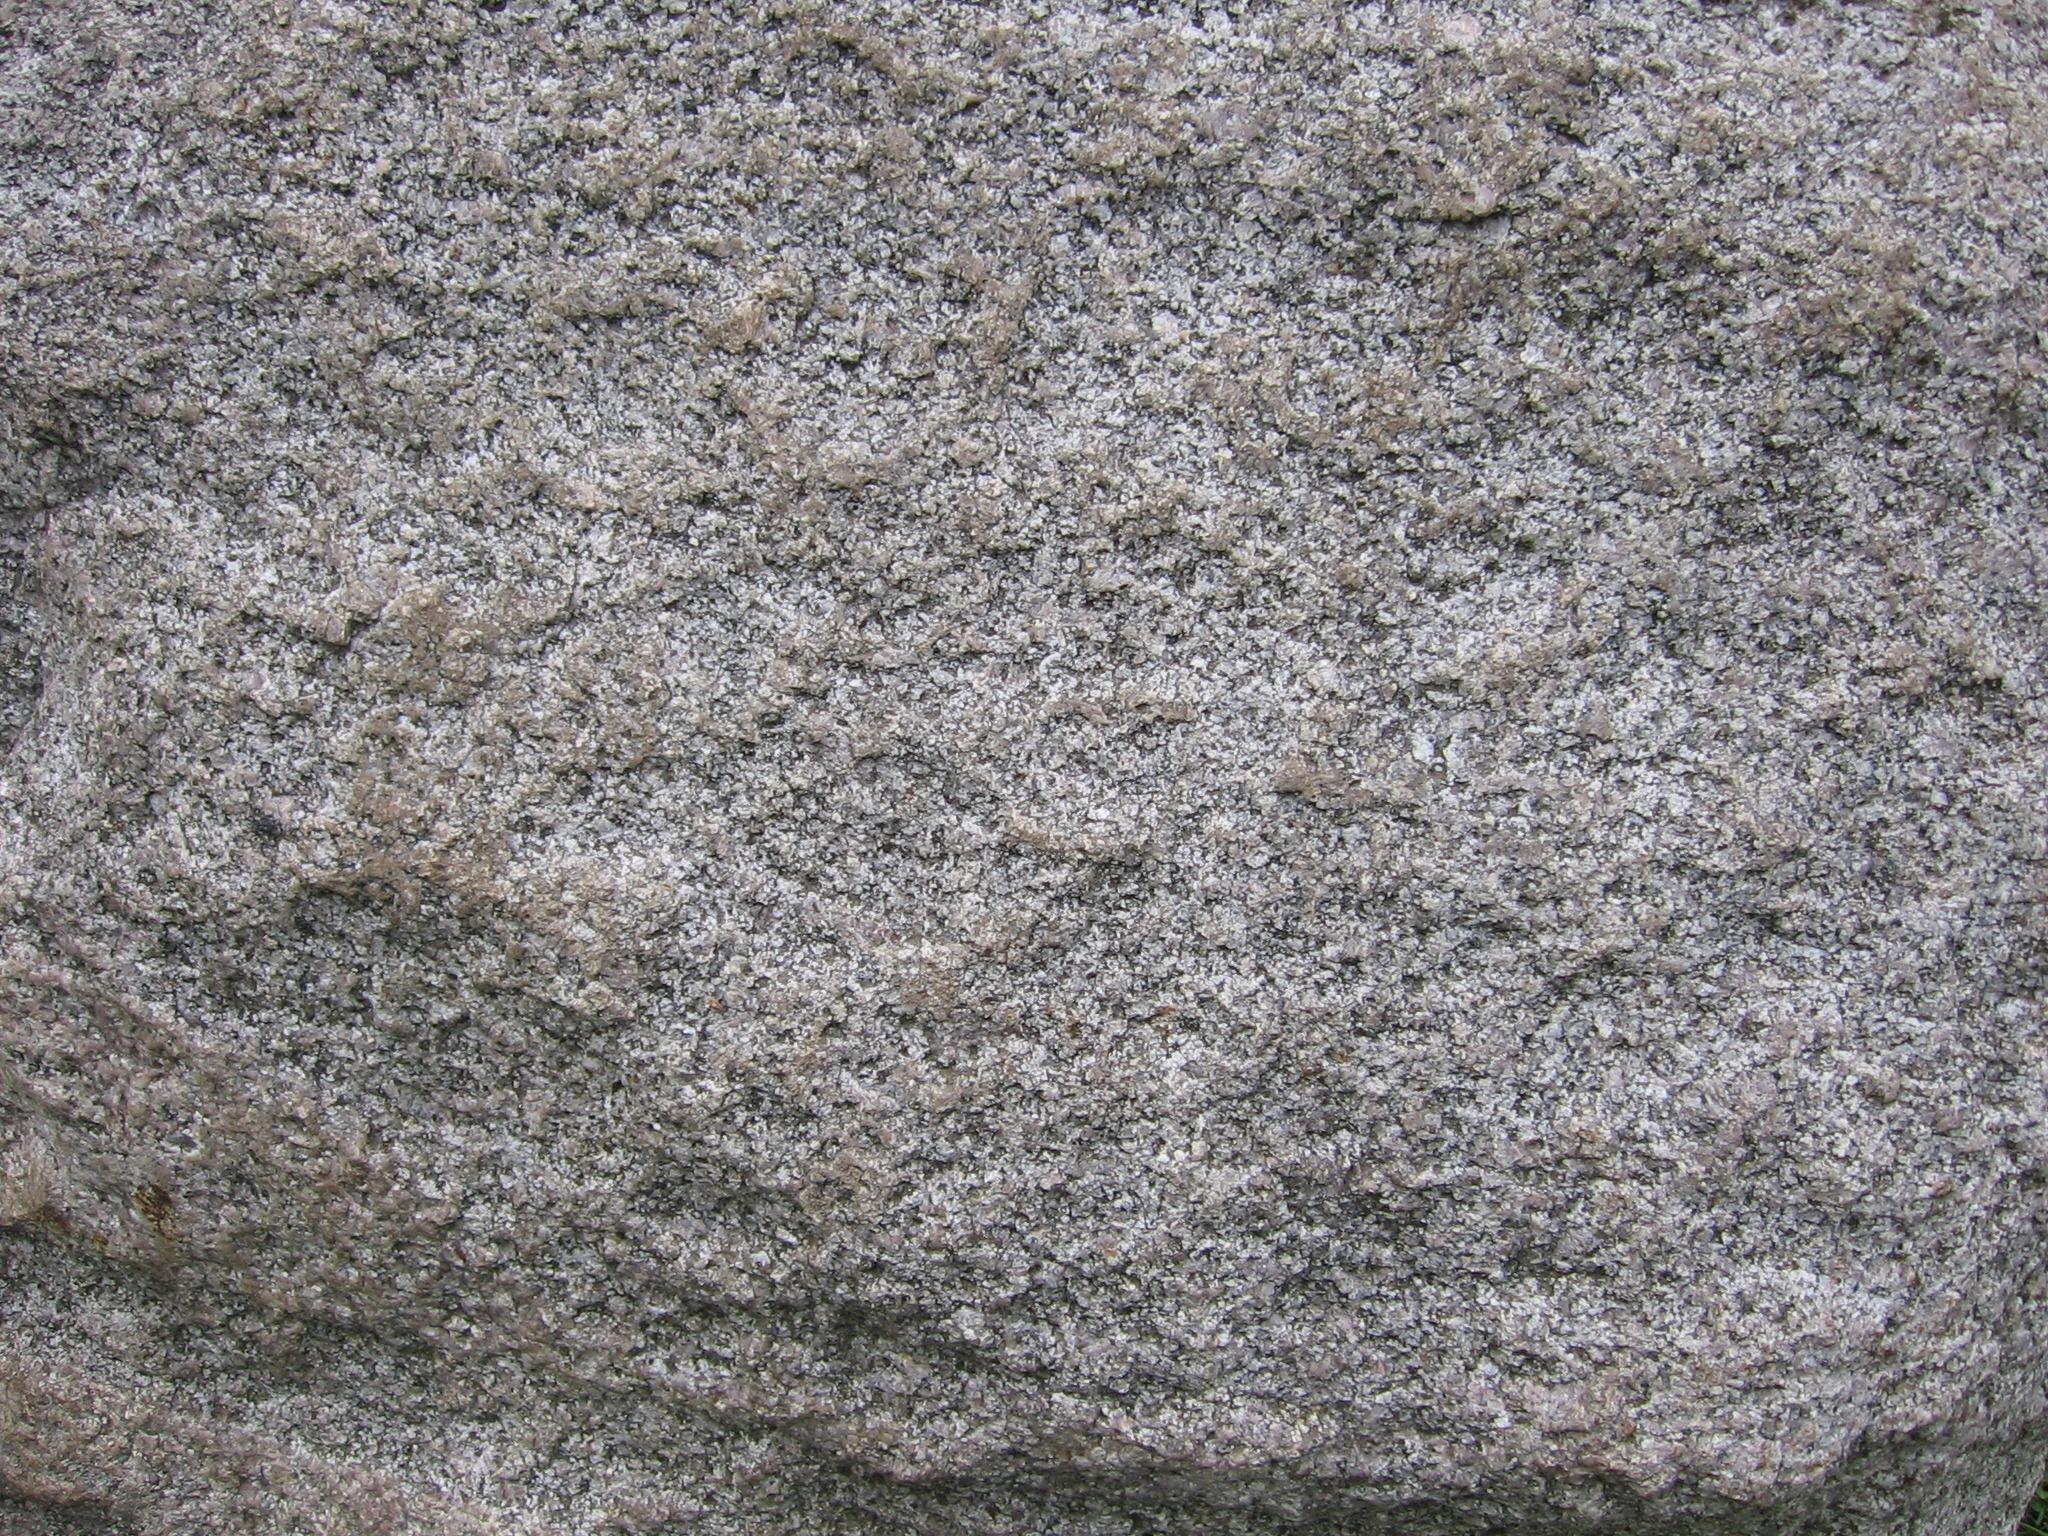 Granite Stone Texture : Free images landscape nature rock texture asphalt